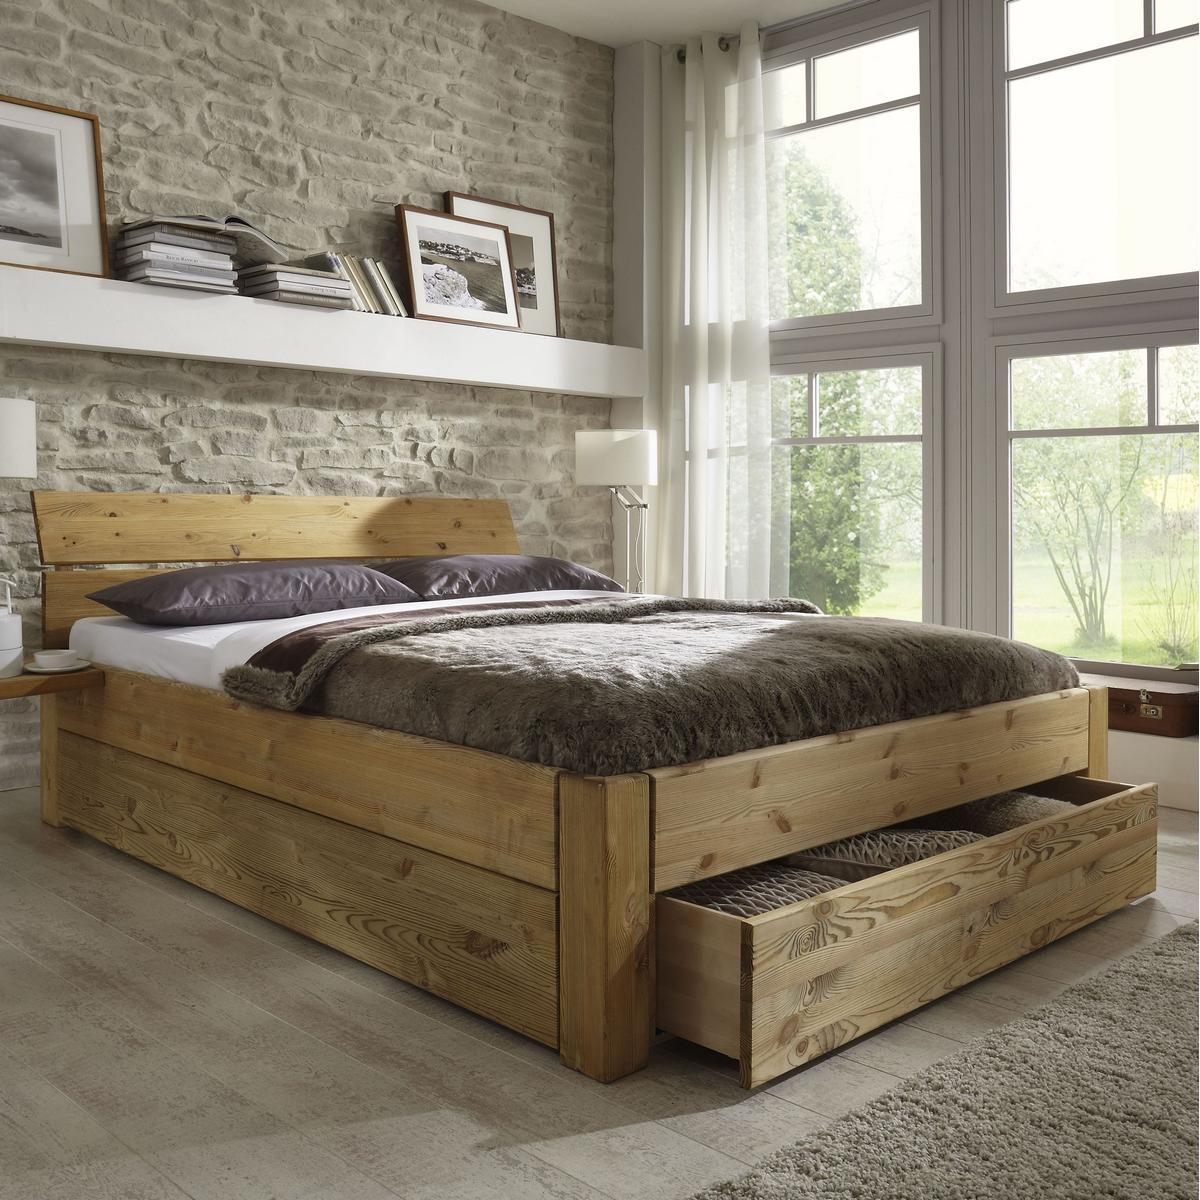 Massivholz Schubladenbett 180x200 Holzbett Bett Kiefer massiv gelaugt ...